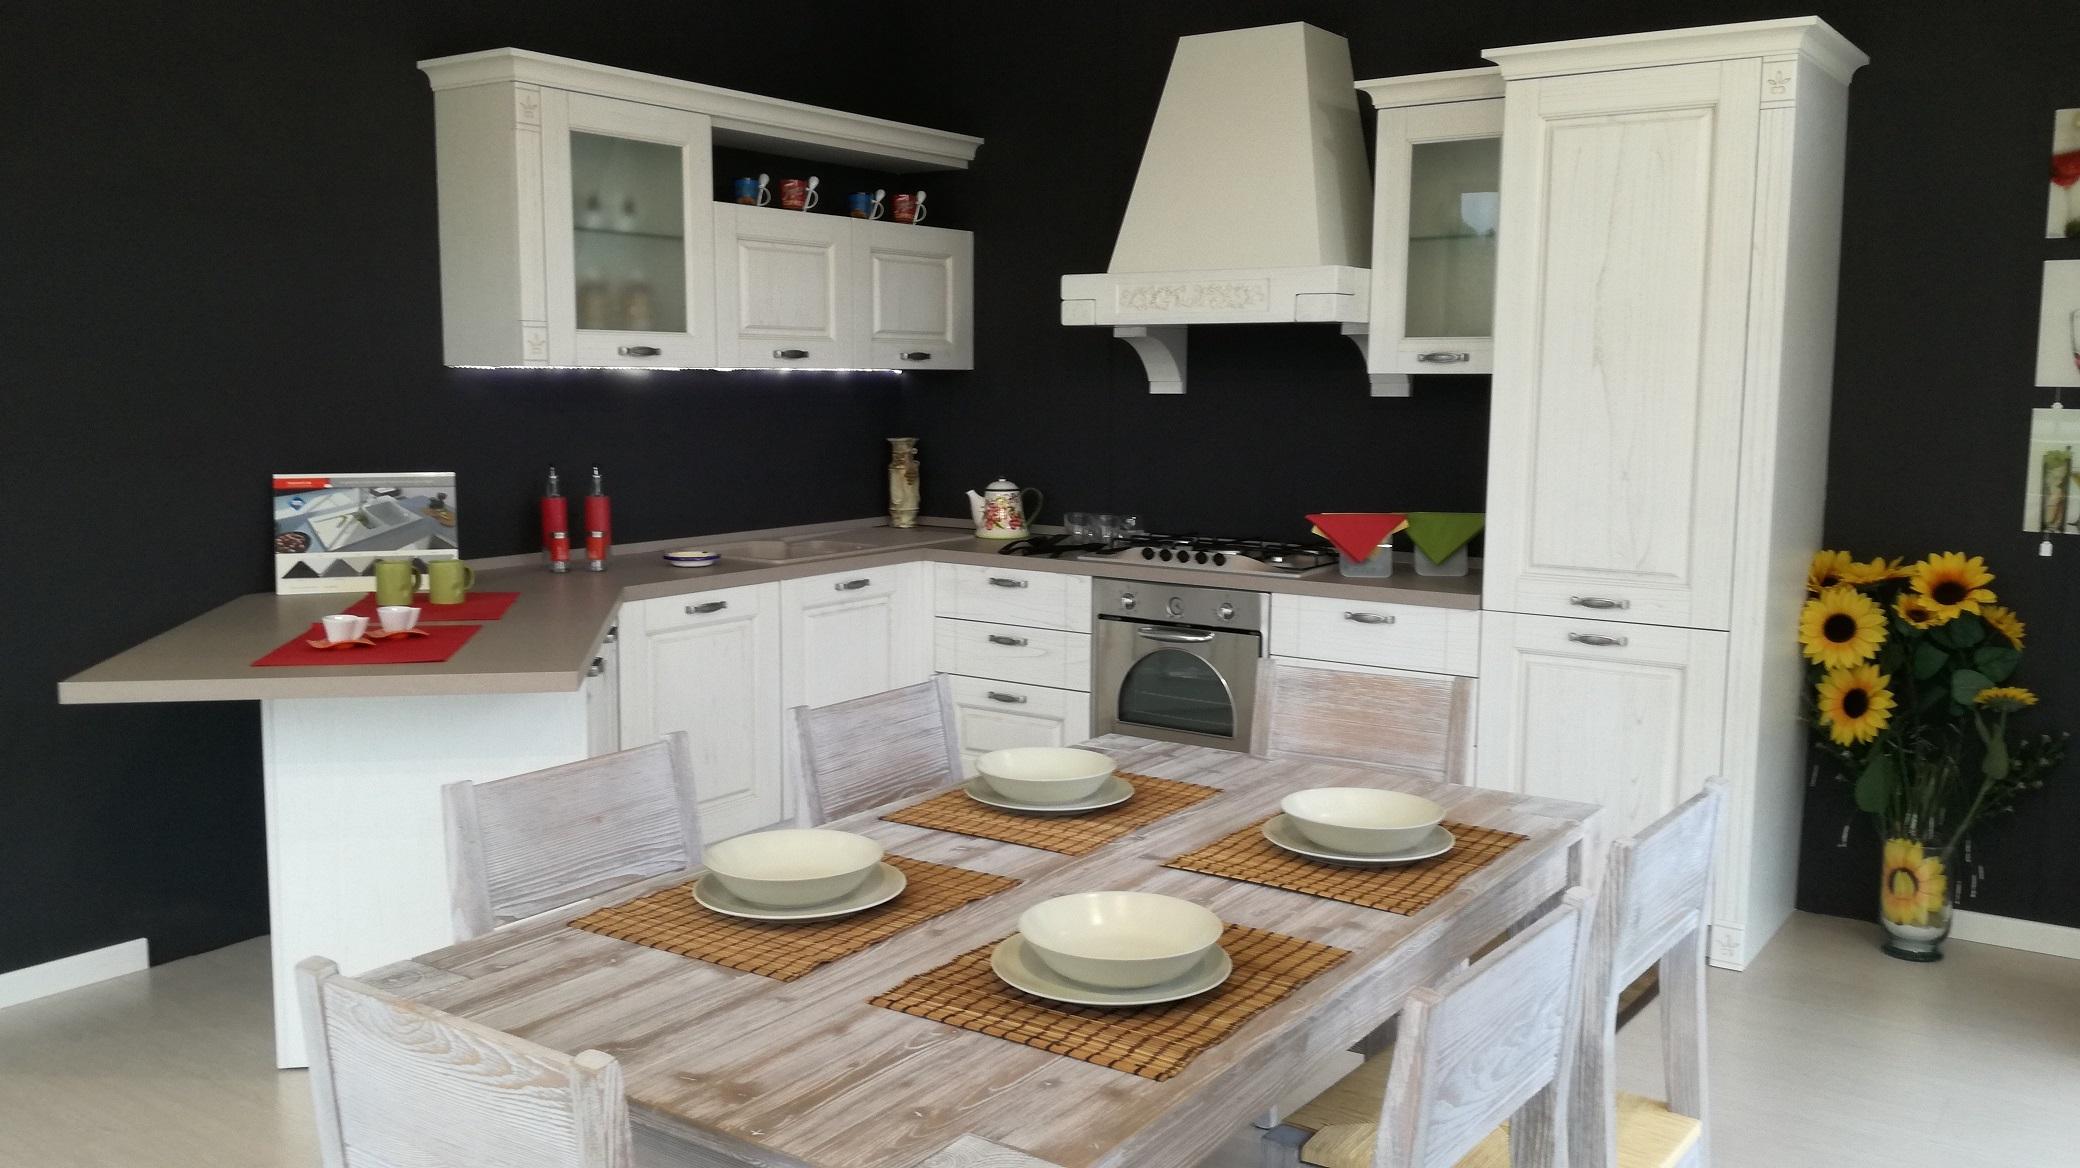 Cucina Angolare Con Penisola Gentili Cucine Mod. OLIVIA Scontata Del  #AD2A1E 3072 1728 Carrelli Da Cucina Con Cassetti